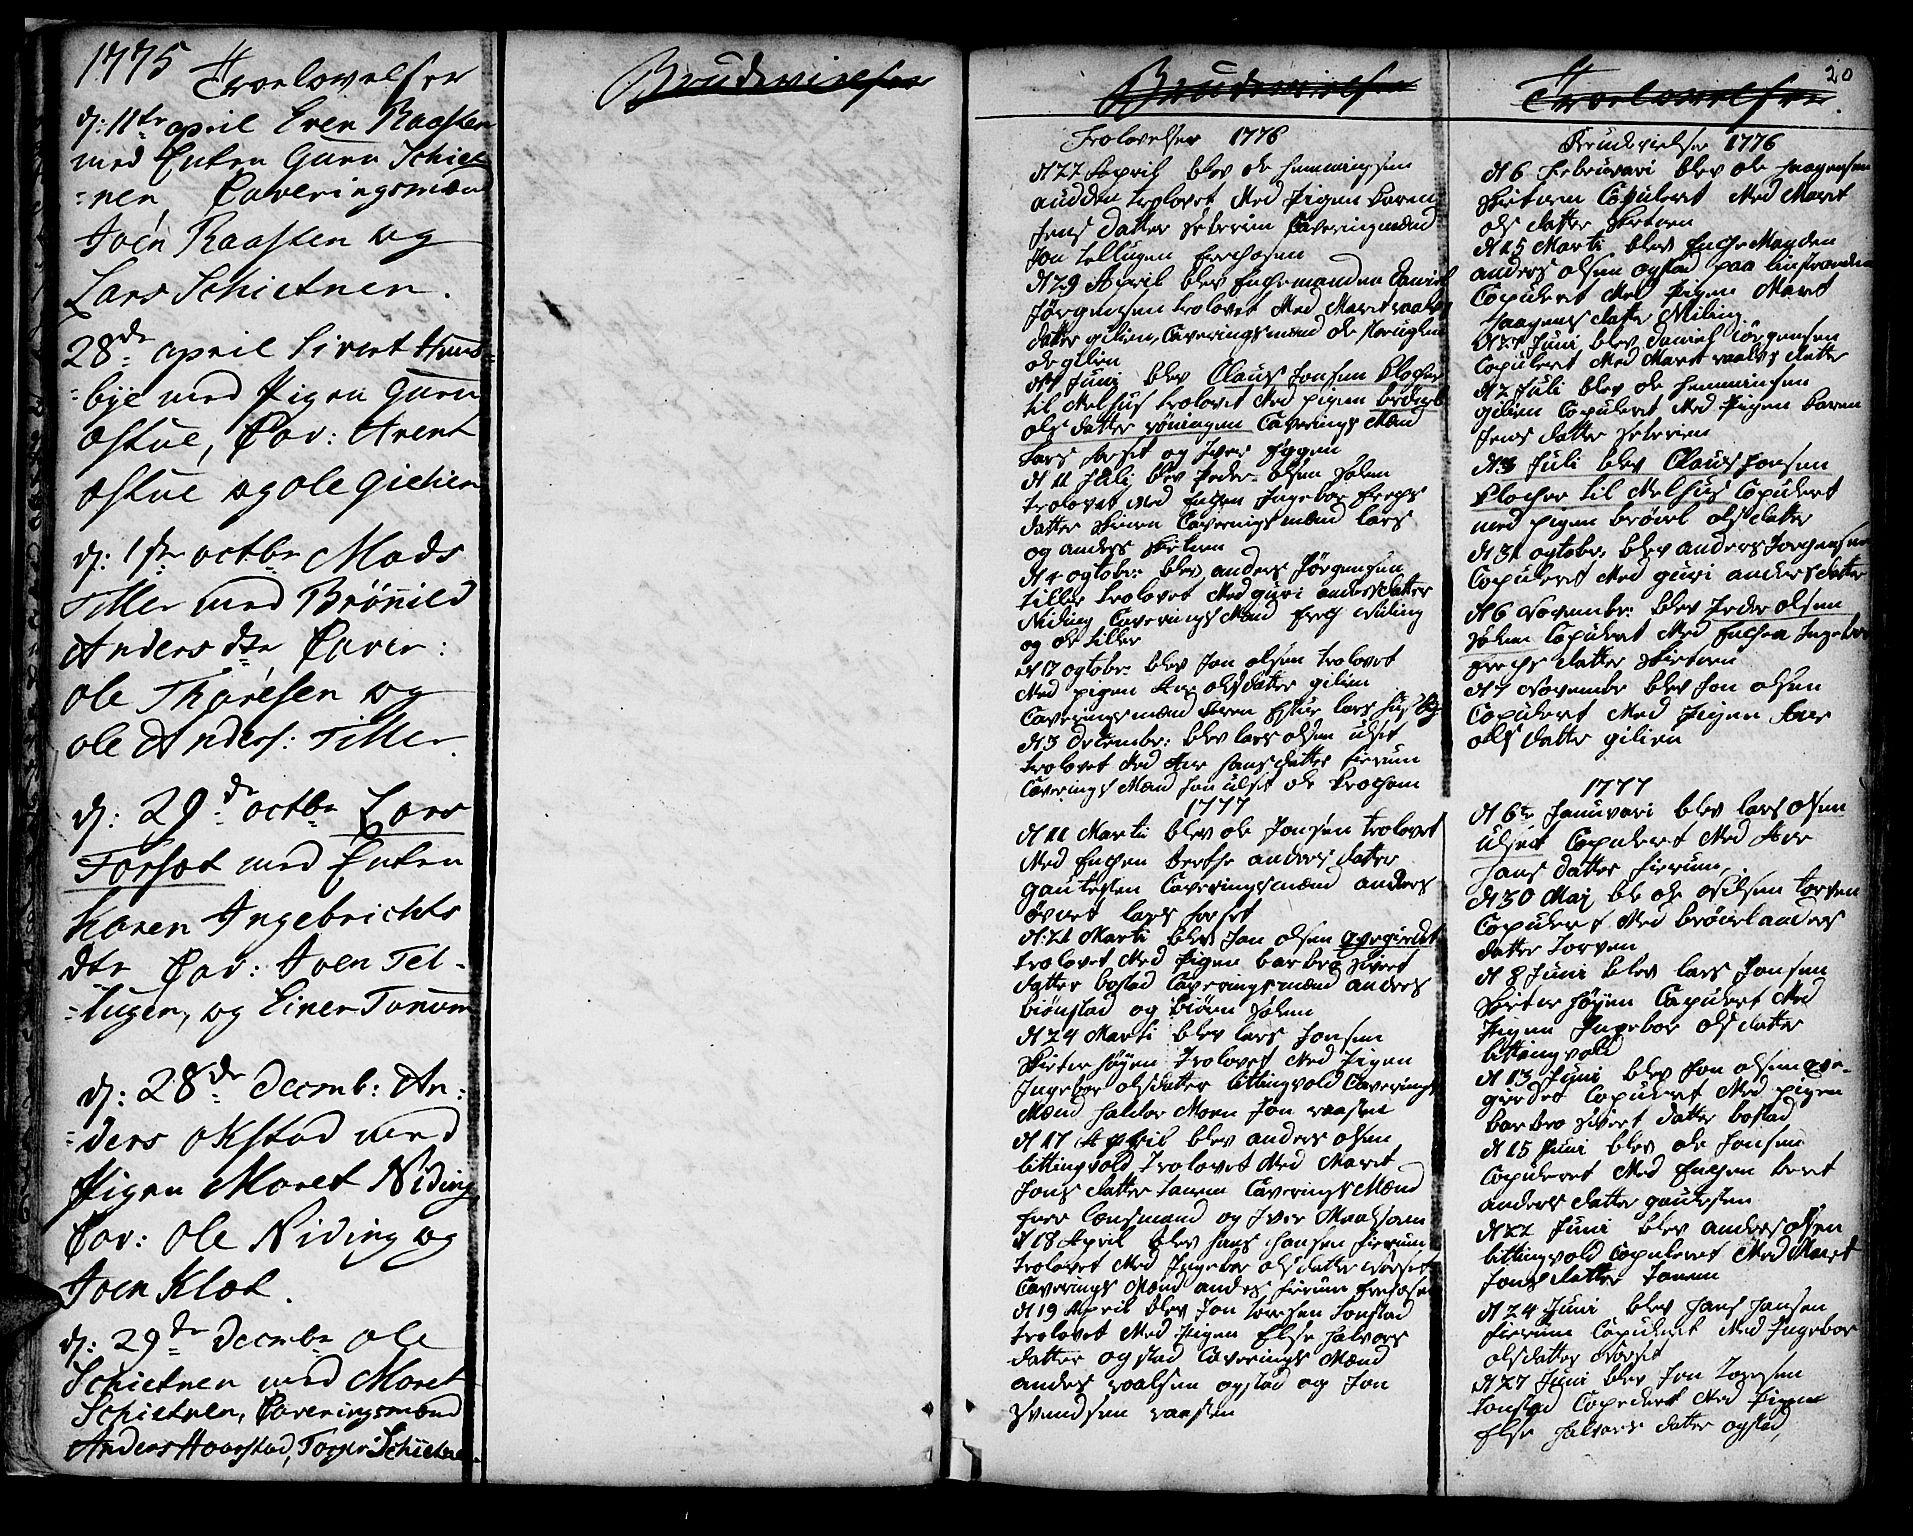 SAT, Ministerialprotokoller, klokkerbøker og fødselsregistre - Sør-Trøndelag, 618/L0437: Ministerialbok nr. 618A02, 1749-1782, s. 20